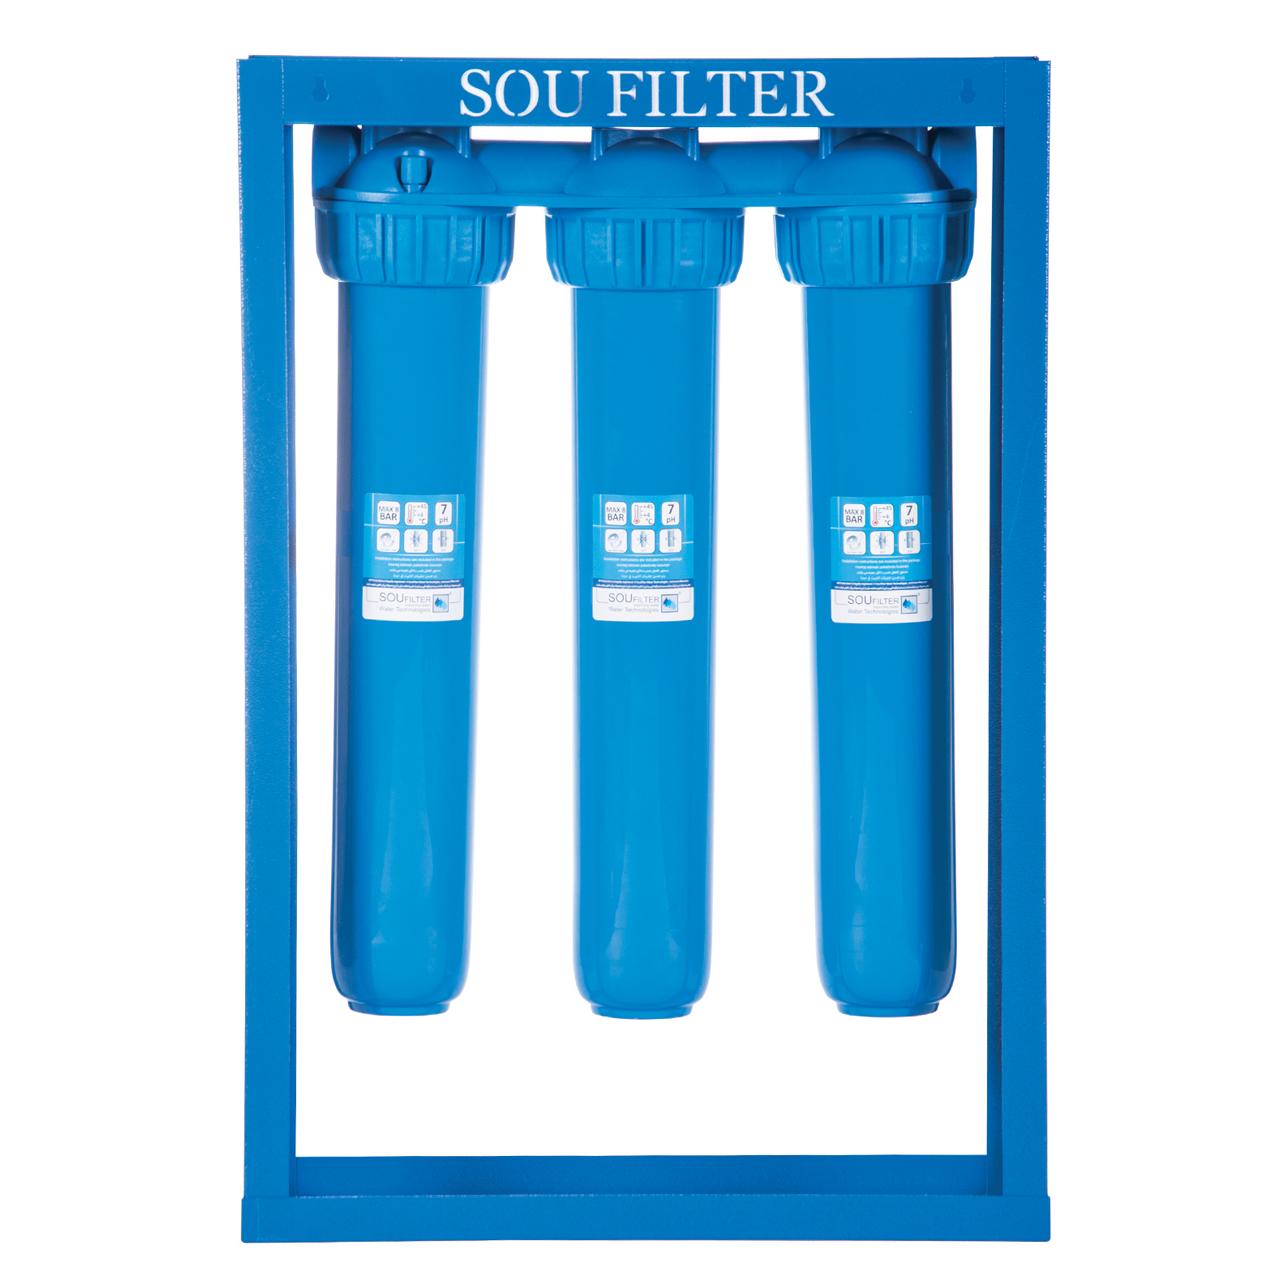 دستگاه پیش تصفیه کننده آب سوفیلتر مدل PF01